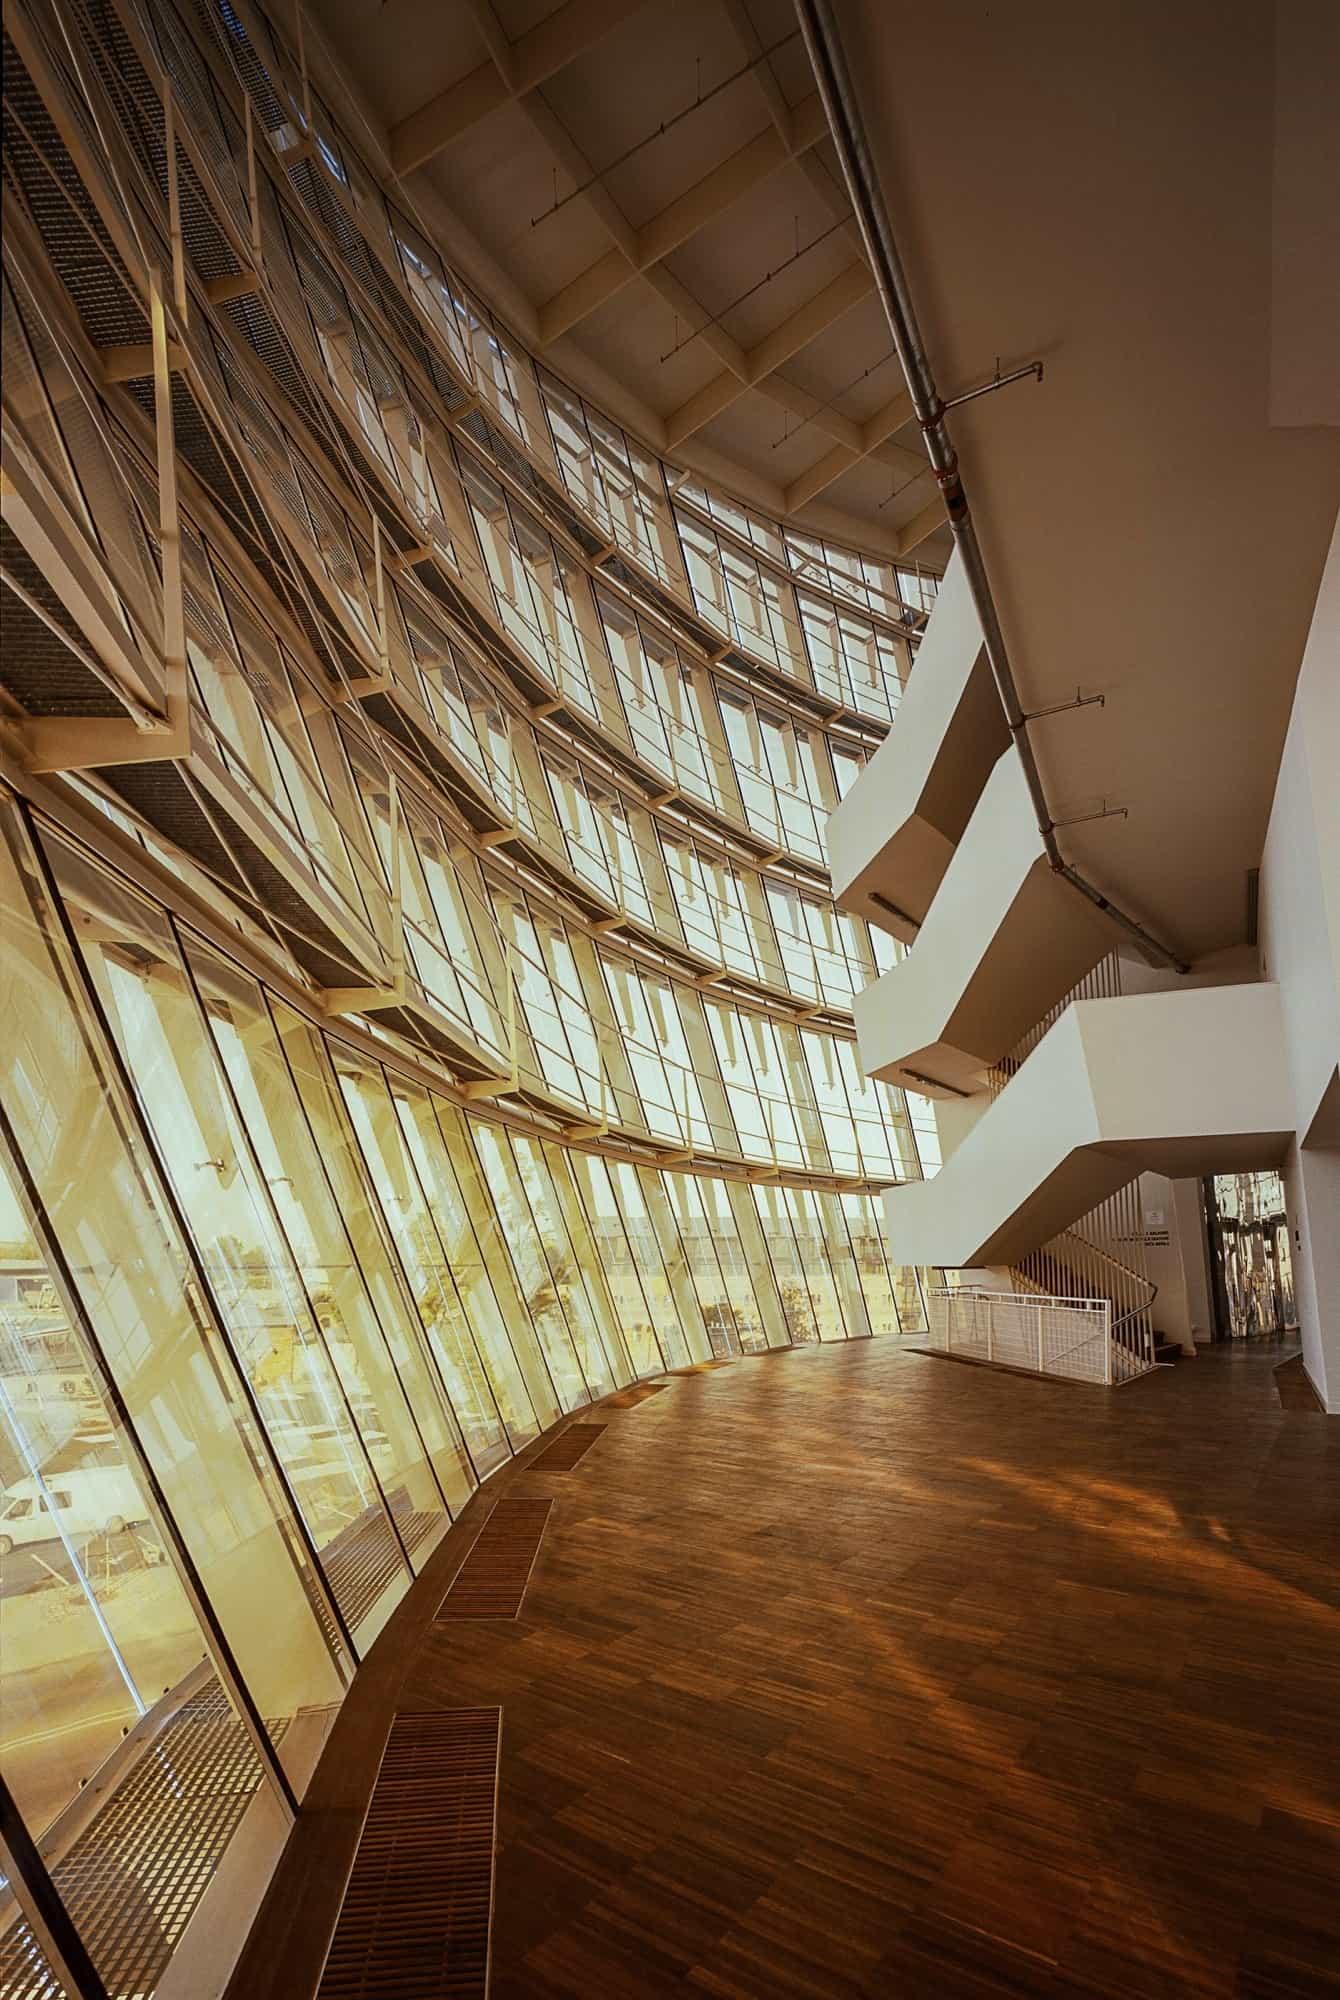 El acristalamiento crea espacios interiores llenos de luz.